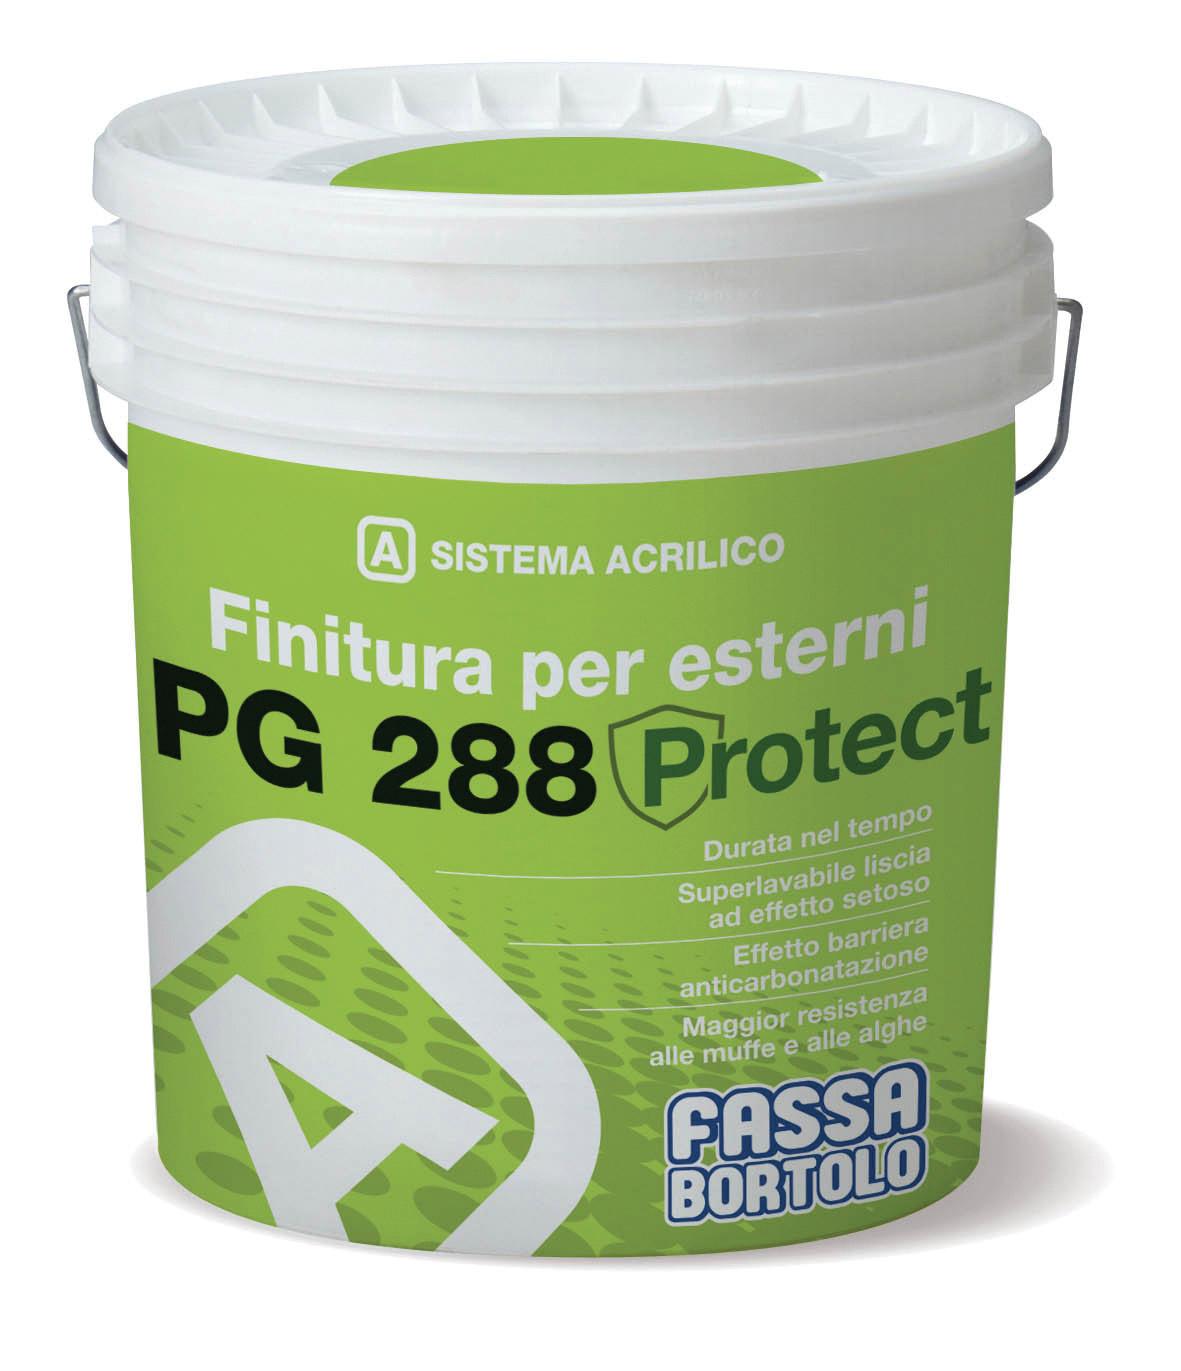 PG 288 PROTECT: Acabamento liso e opaco para exterior